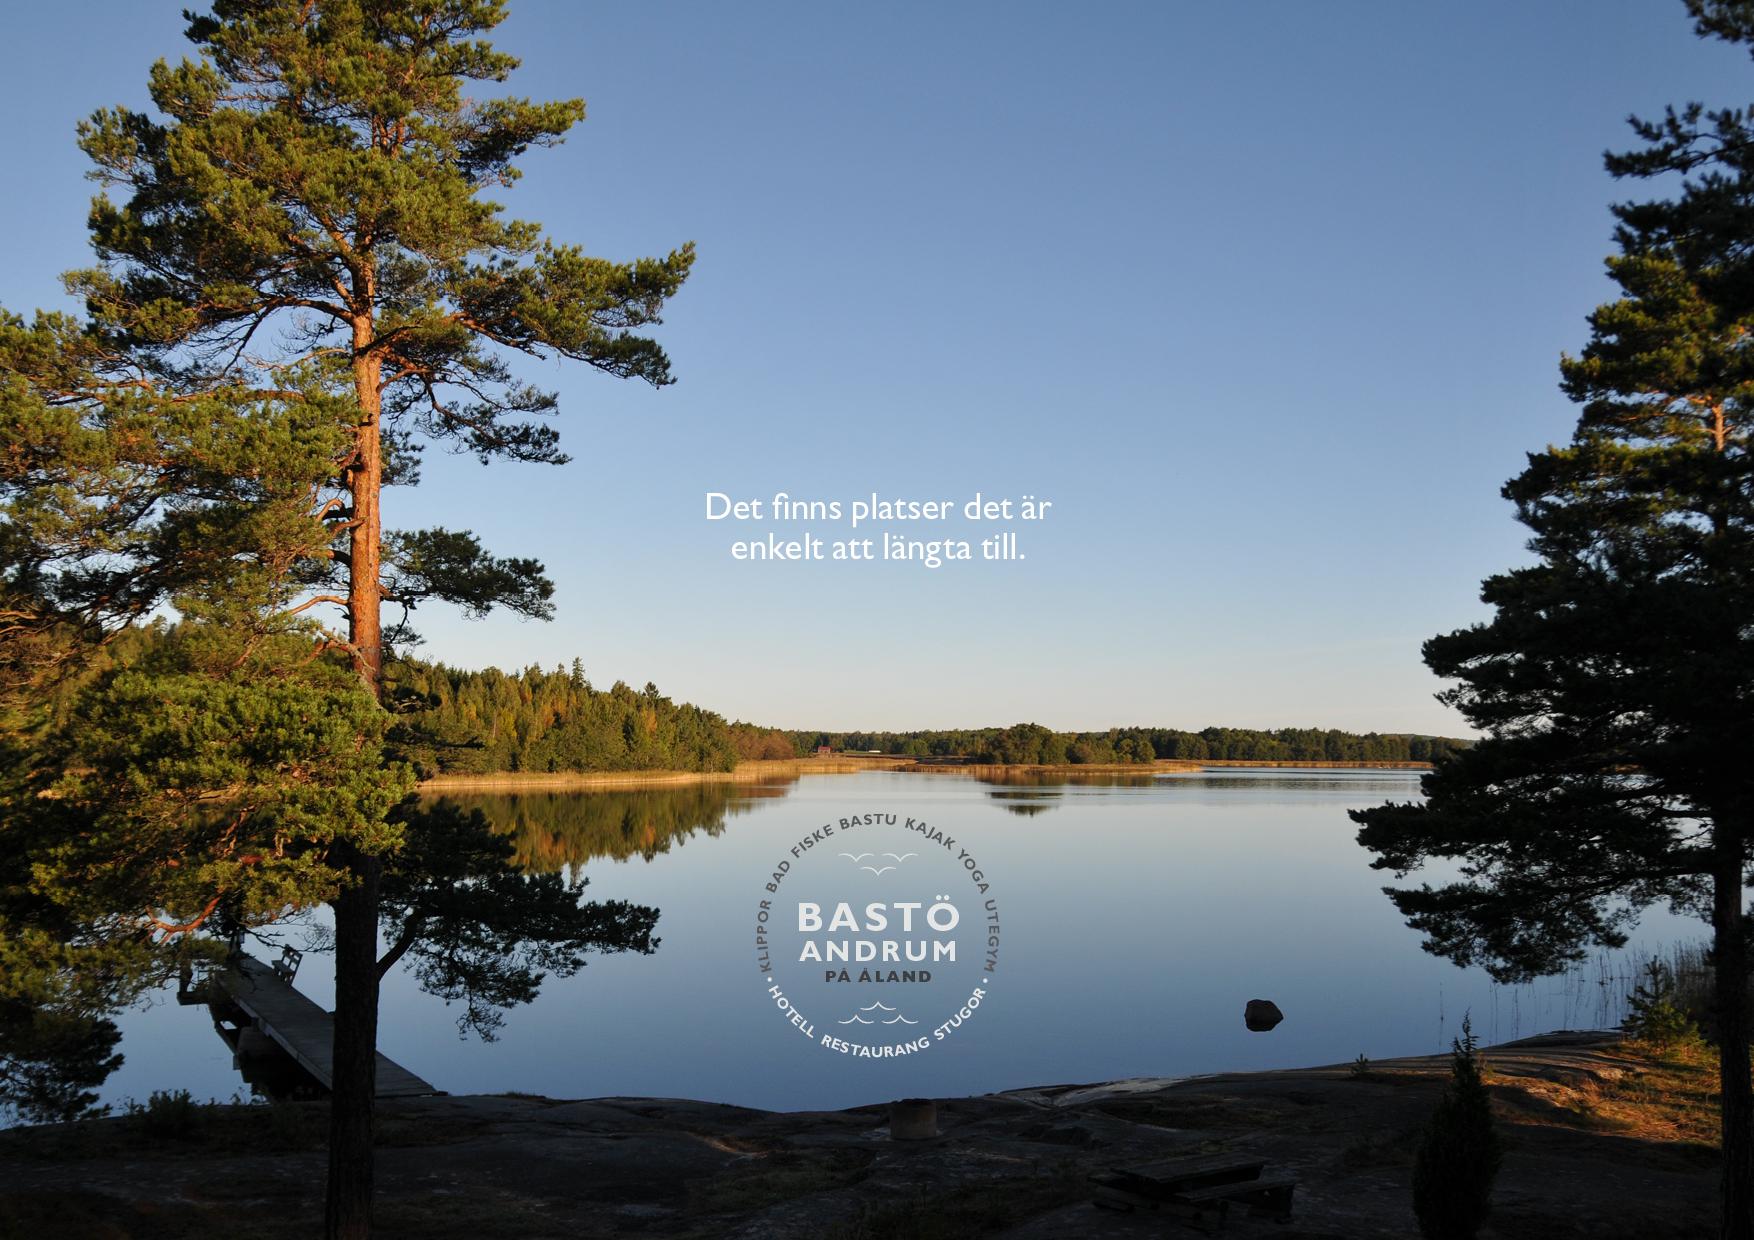 """Broschyren """"Det finns platser det är enkelt att längta till"""" för Bastö Andrum"""